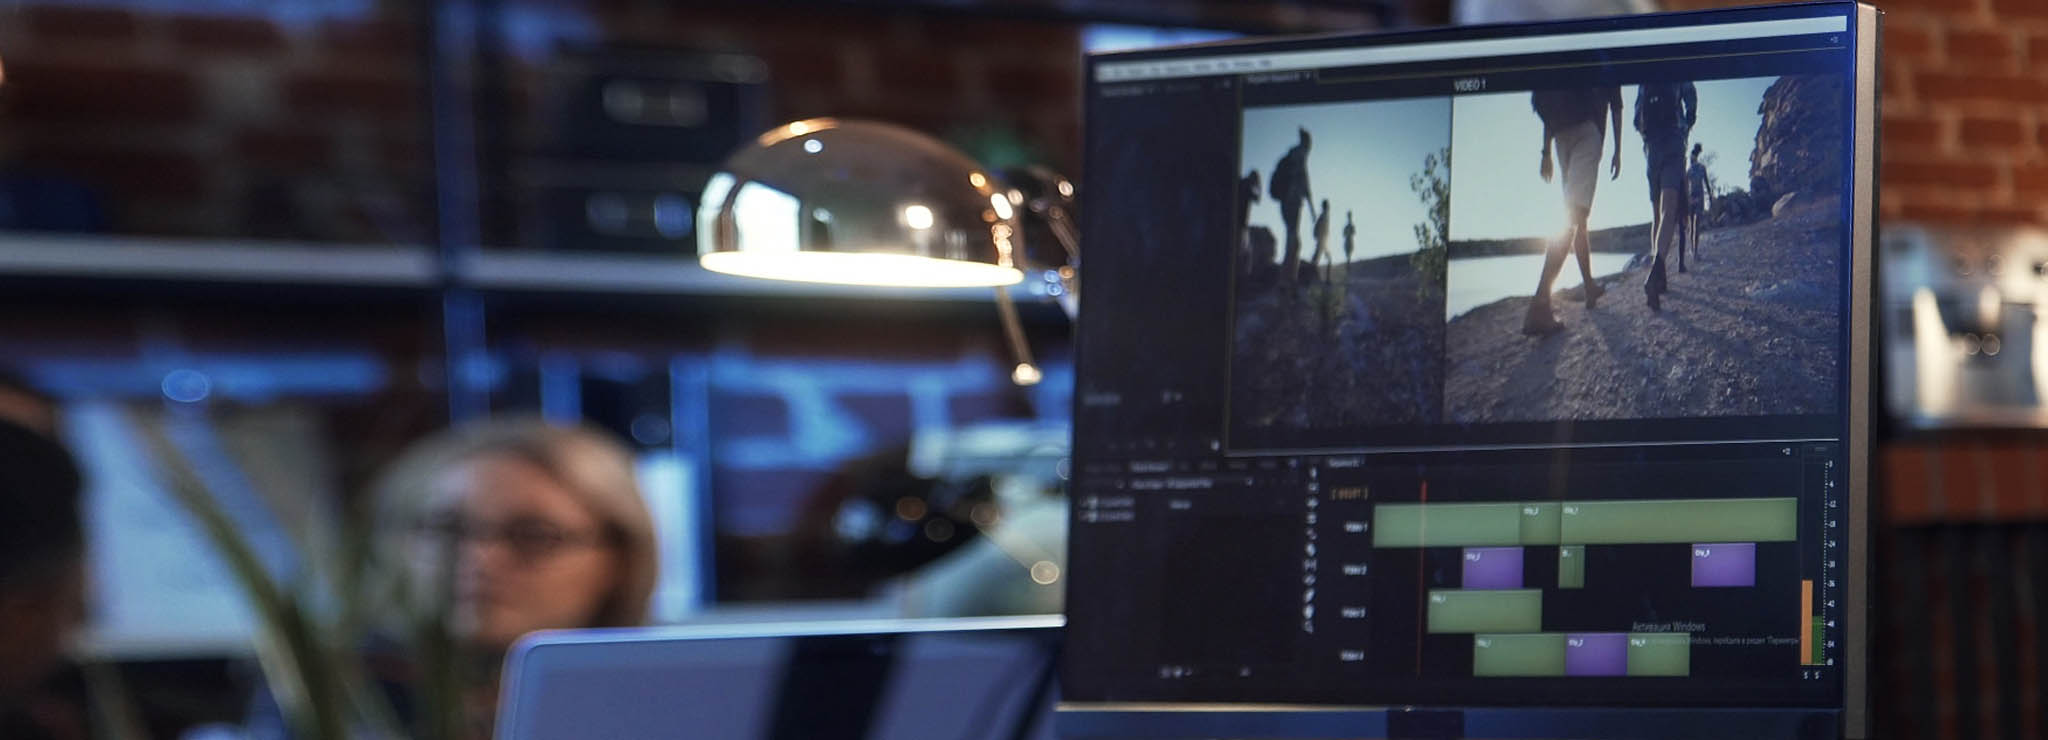 Tecnico-en-Montaje-de-Video-con-Avid-Media-Composer